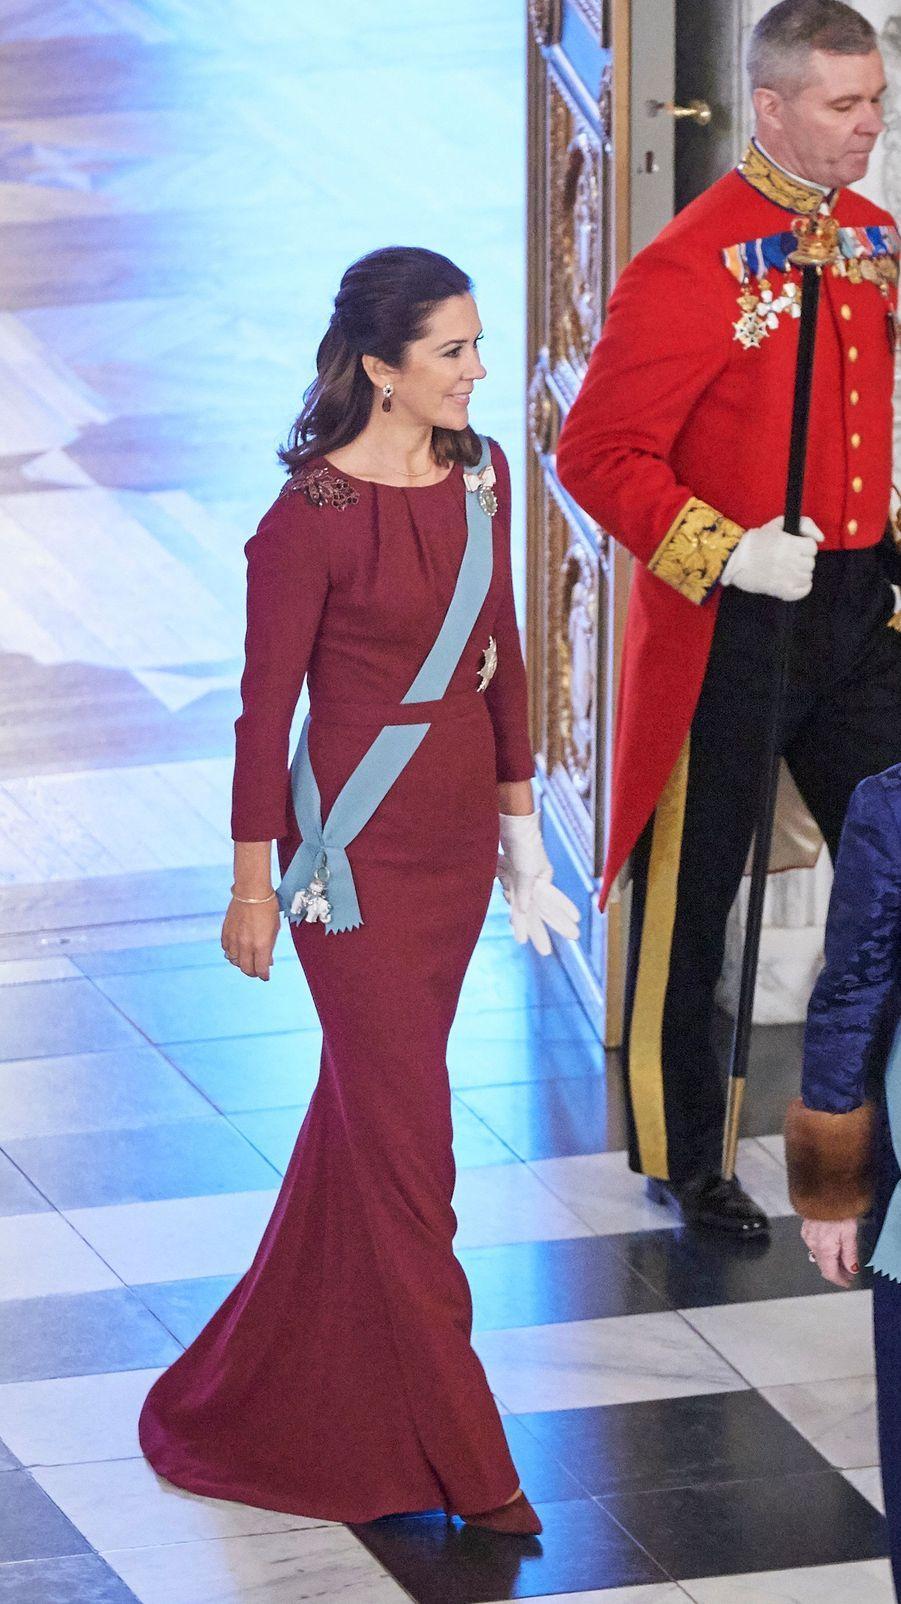 La princesse Mary de Danemark à Copenhague, le 3 janvier 2018